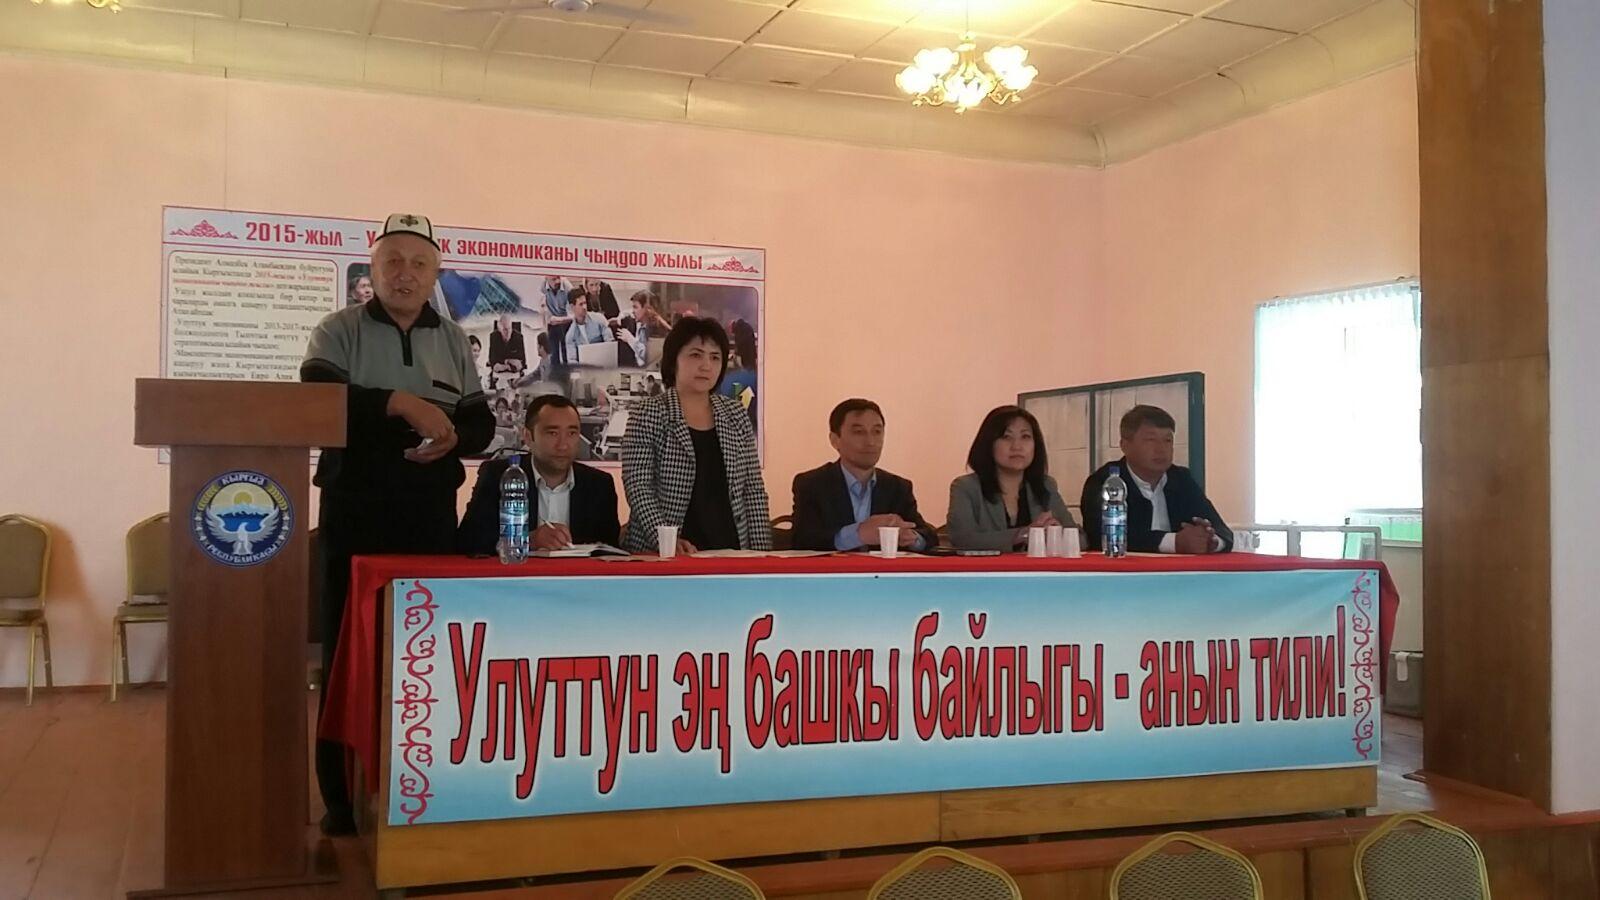 схема коррупция кыргызстана